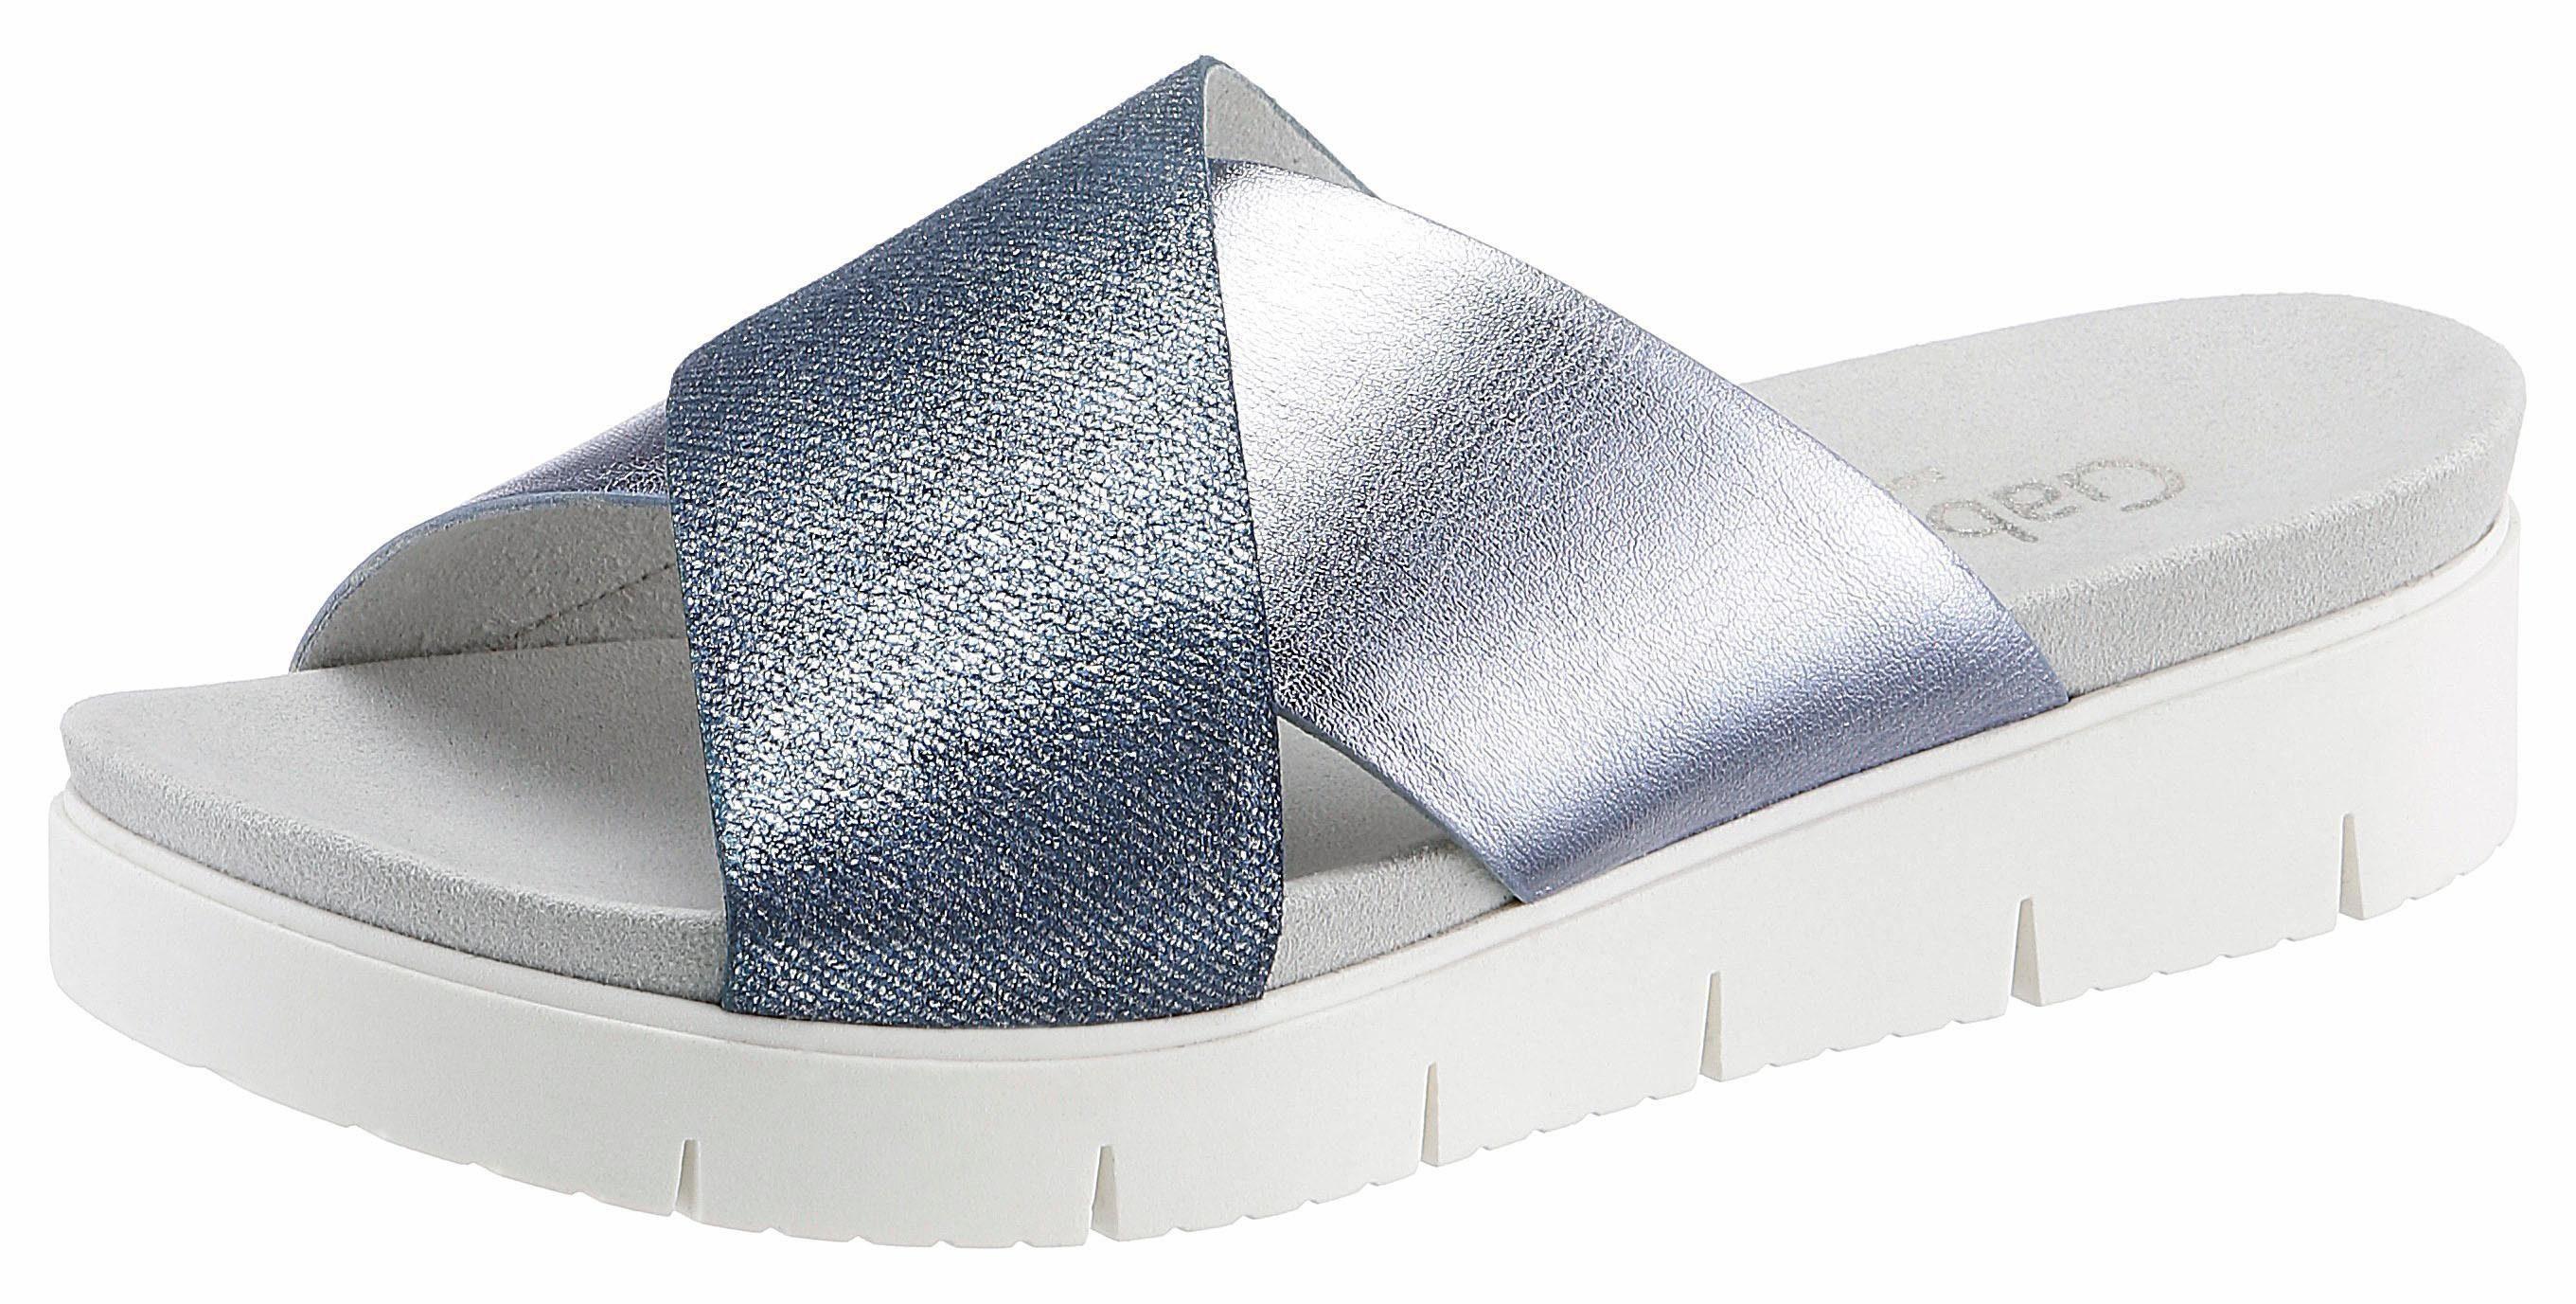 Gabor Pantolette, in Schuhweite G (weit) kaufen  jeansblau